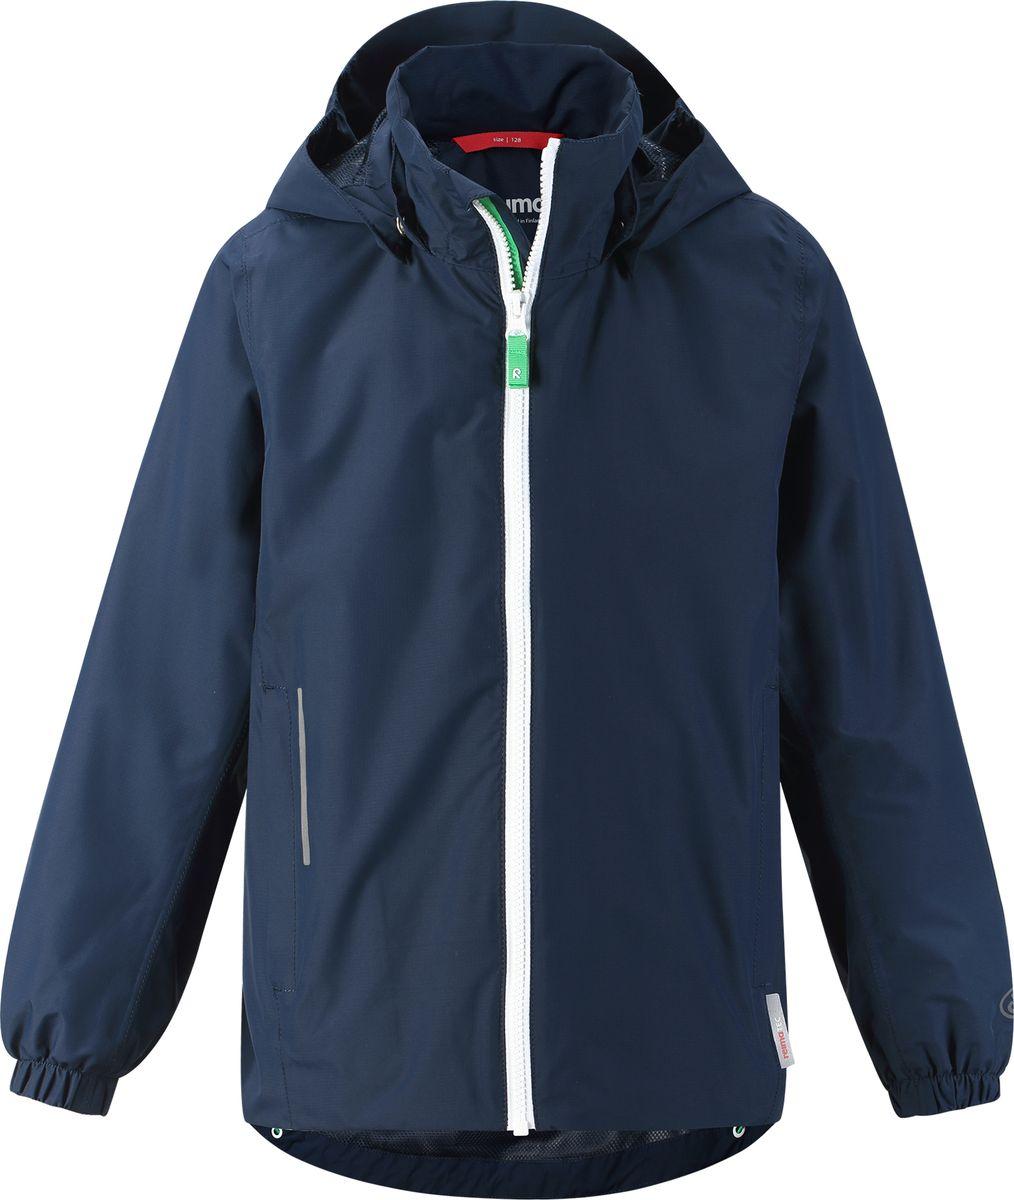 Куртка для мальчика Reima, цвет: синий. 5313836980. Размер 1105313836980Эту классную спортивную куртку для подростков можно носить от весны и до осени! Куртка ReimateС изготовлена из водо- и ветронепроницаемого и дышащего материала, при чем основные швы в ней запаяны и водонепроницаемы. Она снабжена множеством практичных деталей, а съемный капюшон защищает от пронизывающего ветра, и к тому же абсолютно безопасен во время активных прогулок, поскольку легко отстегнется, если вдруг за что-нибудь зацепится. За ненадобностью капюшон можно подвернуть под воротник. Обратите внимание на эластичные манжеты, регулируемый подол и карманы на молнии. К весне готовы!